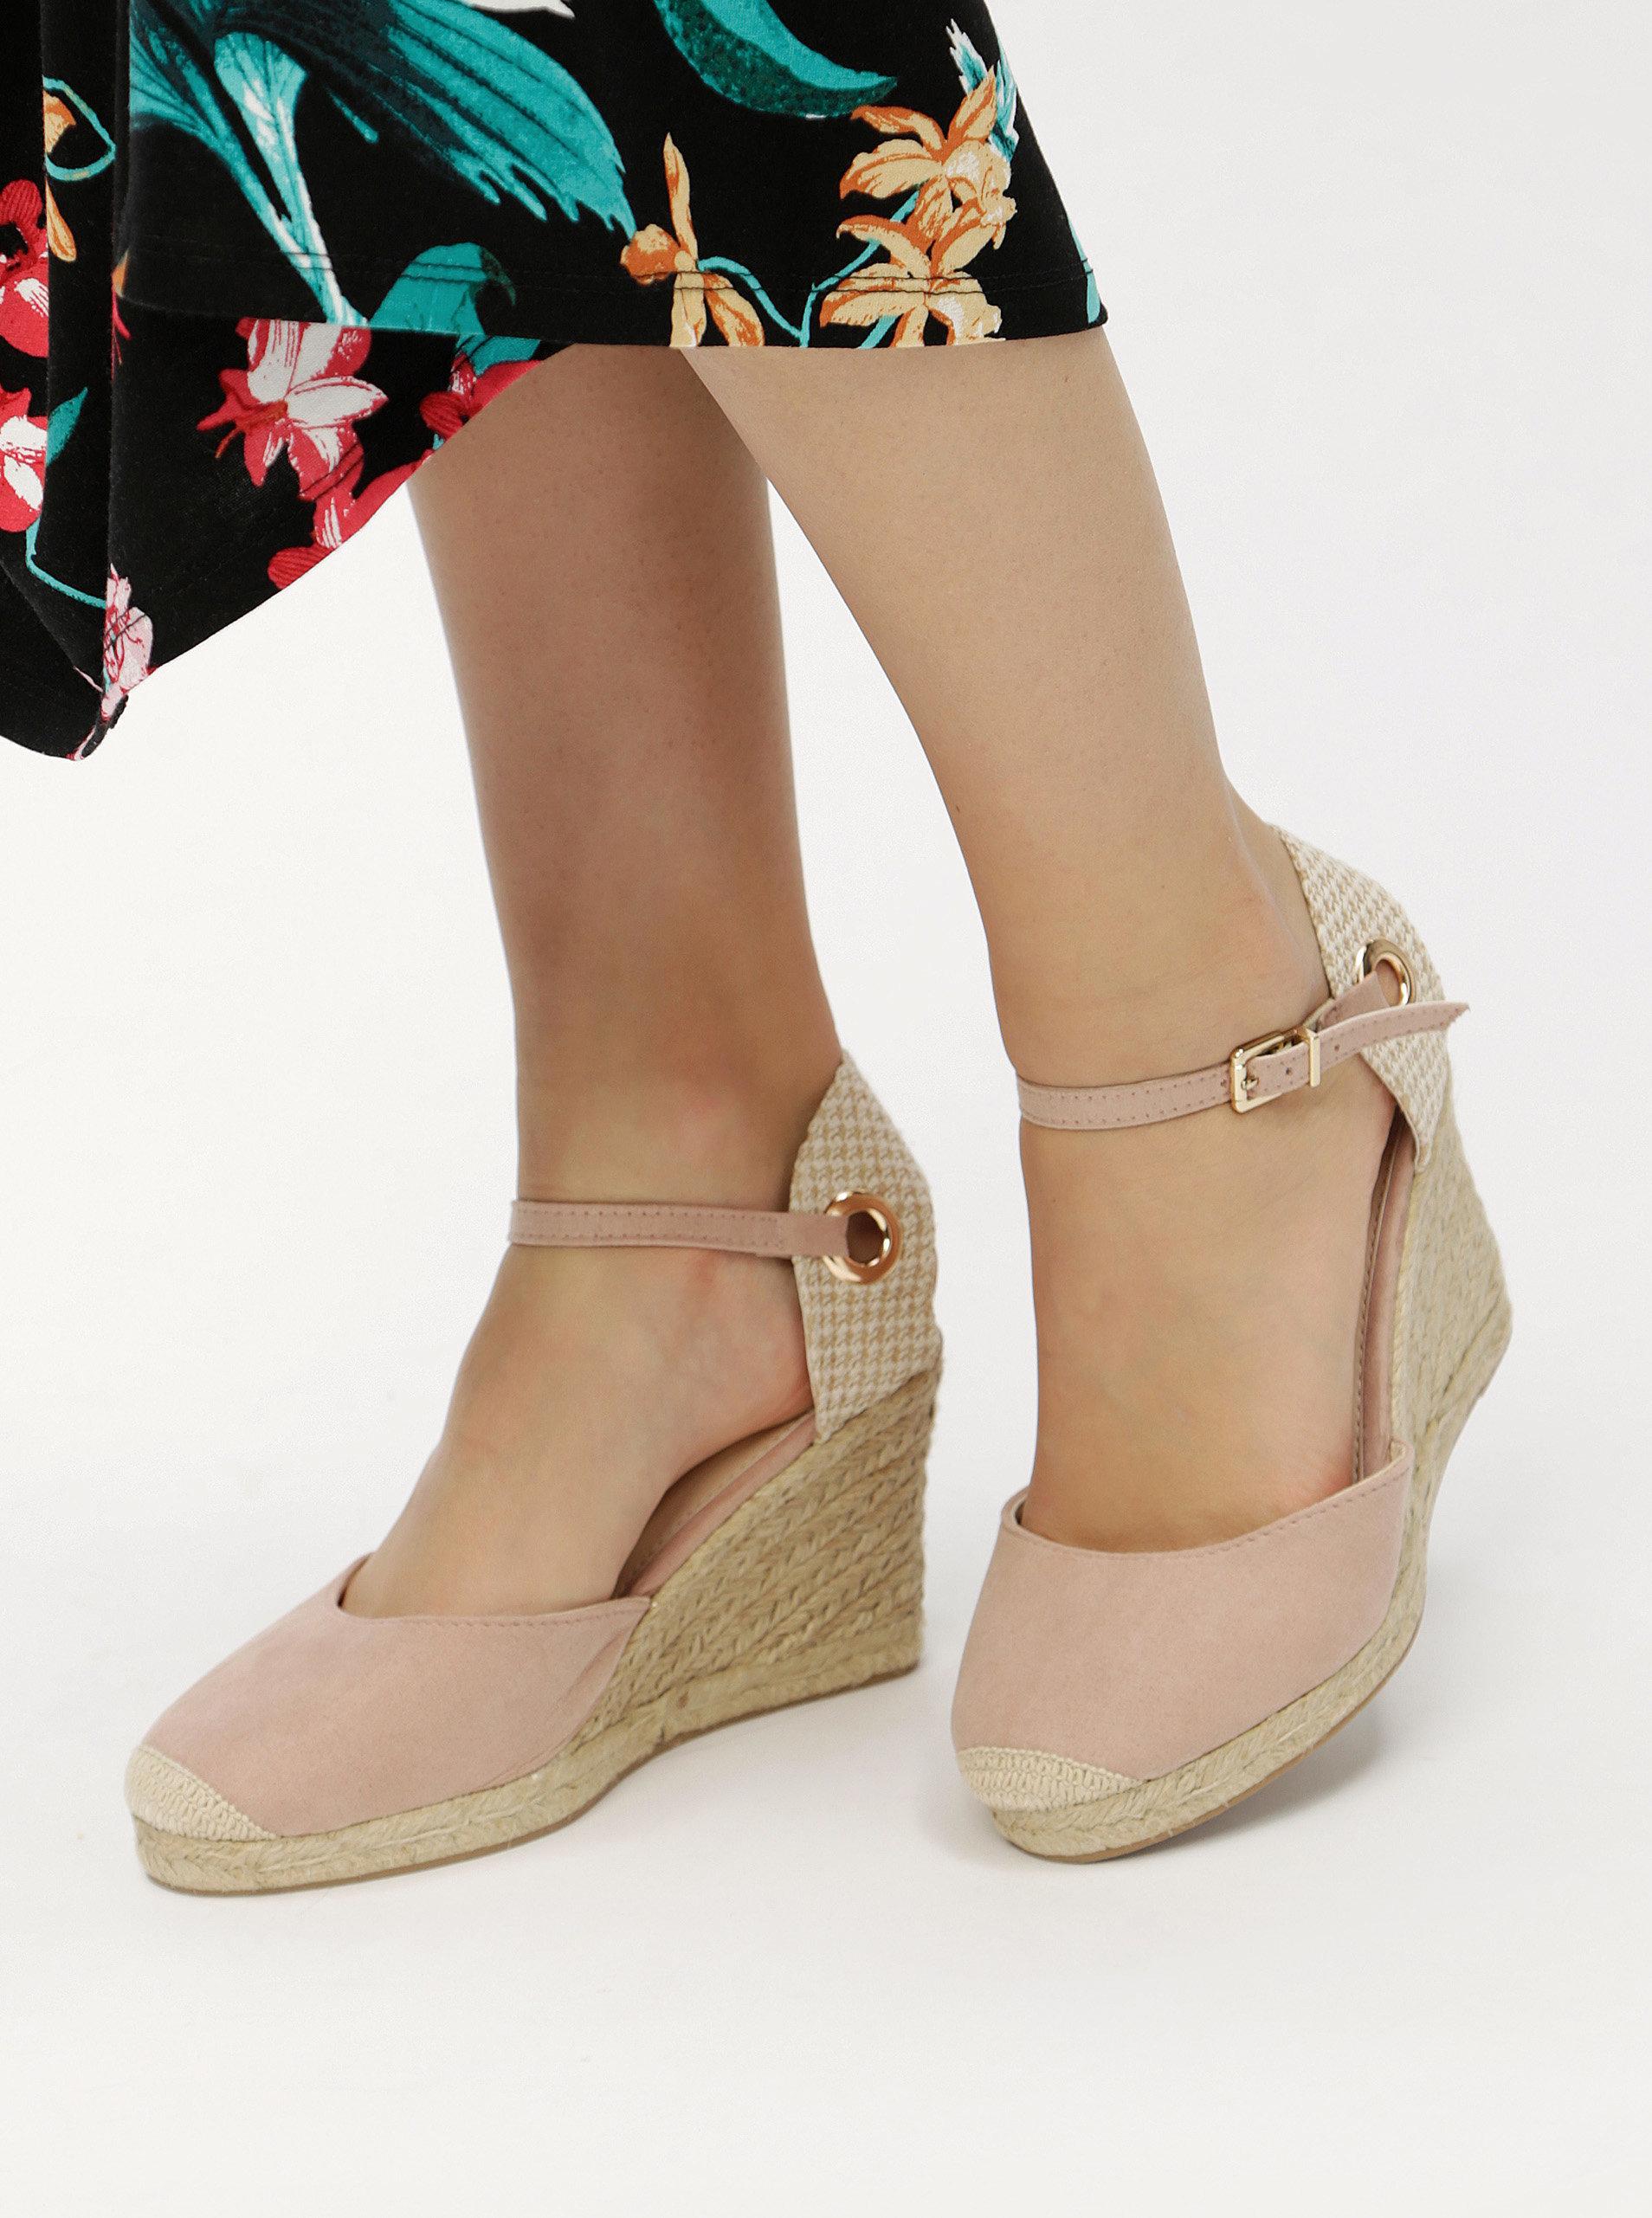 875049d33c886 Béžovo-růžové sandálky na klínku Dorothy Perkins | ZOOT.cz